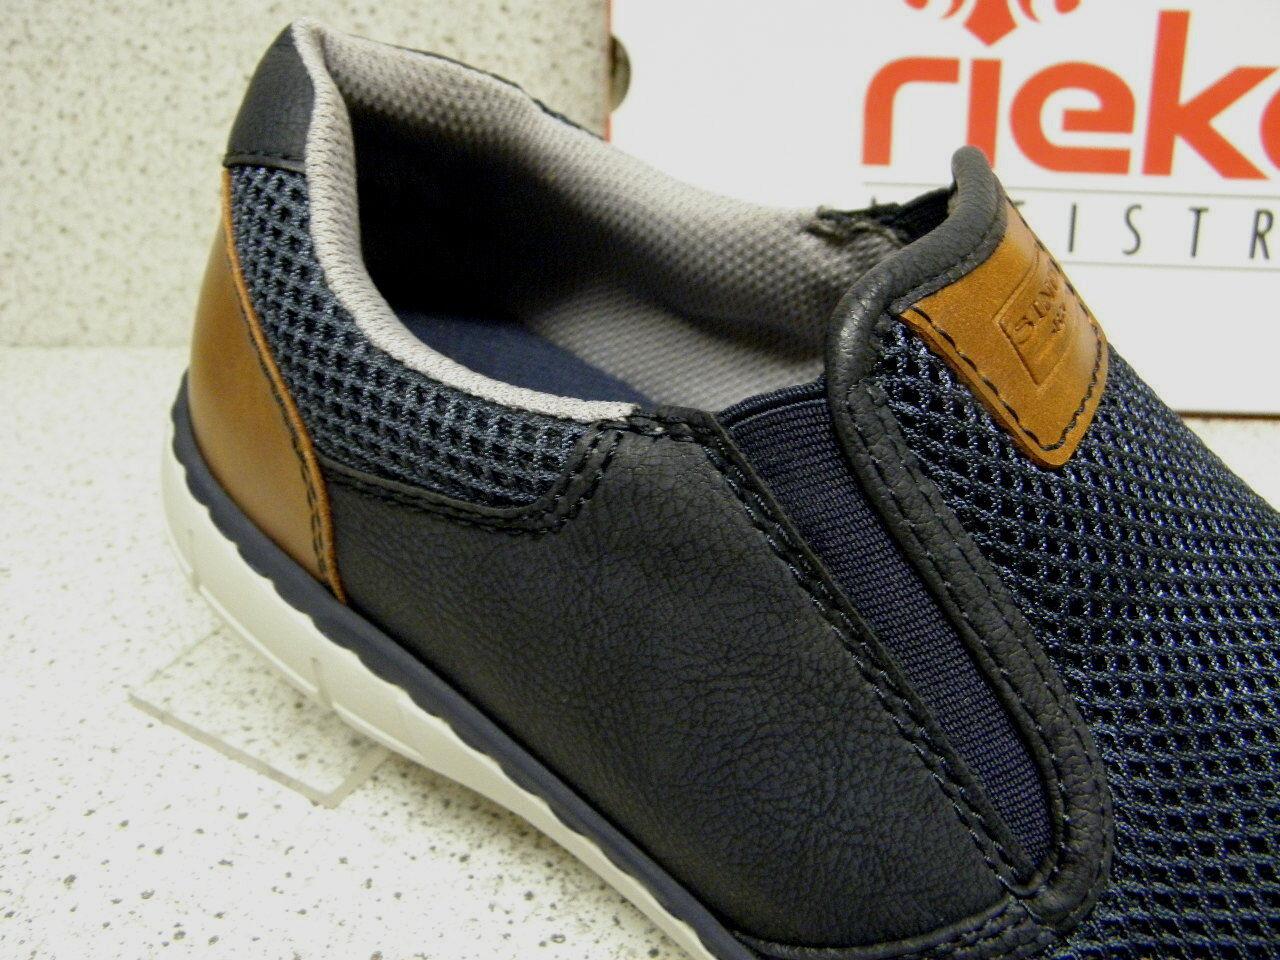 Rieker ® riduce, alla moda, blu, + GRATIS Premium-Calze Premium-Calze Premium-Calze + 15850-15 (r357) | Gioca al meglio | Scolaro/Ragazze Scarpa  78440e